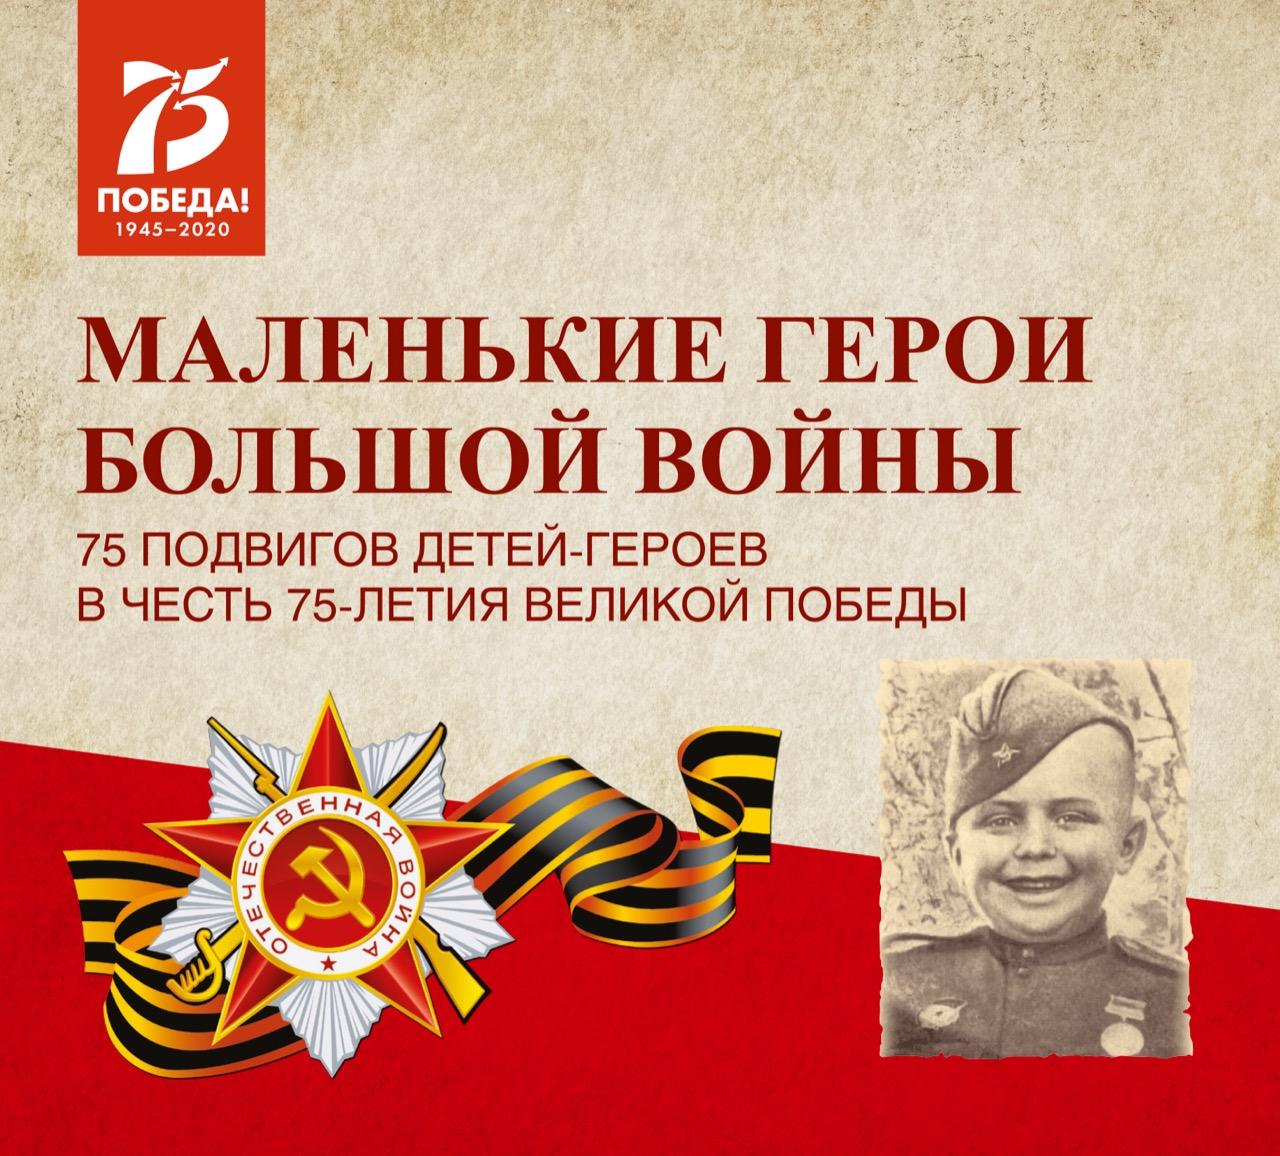 Фонд Оксаны Фёдоровой выпустит аудиокнигу о детях-героях